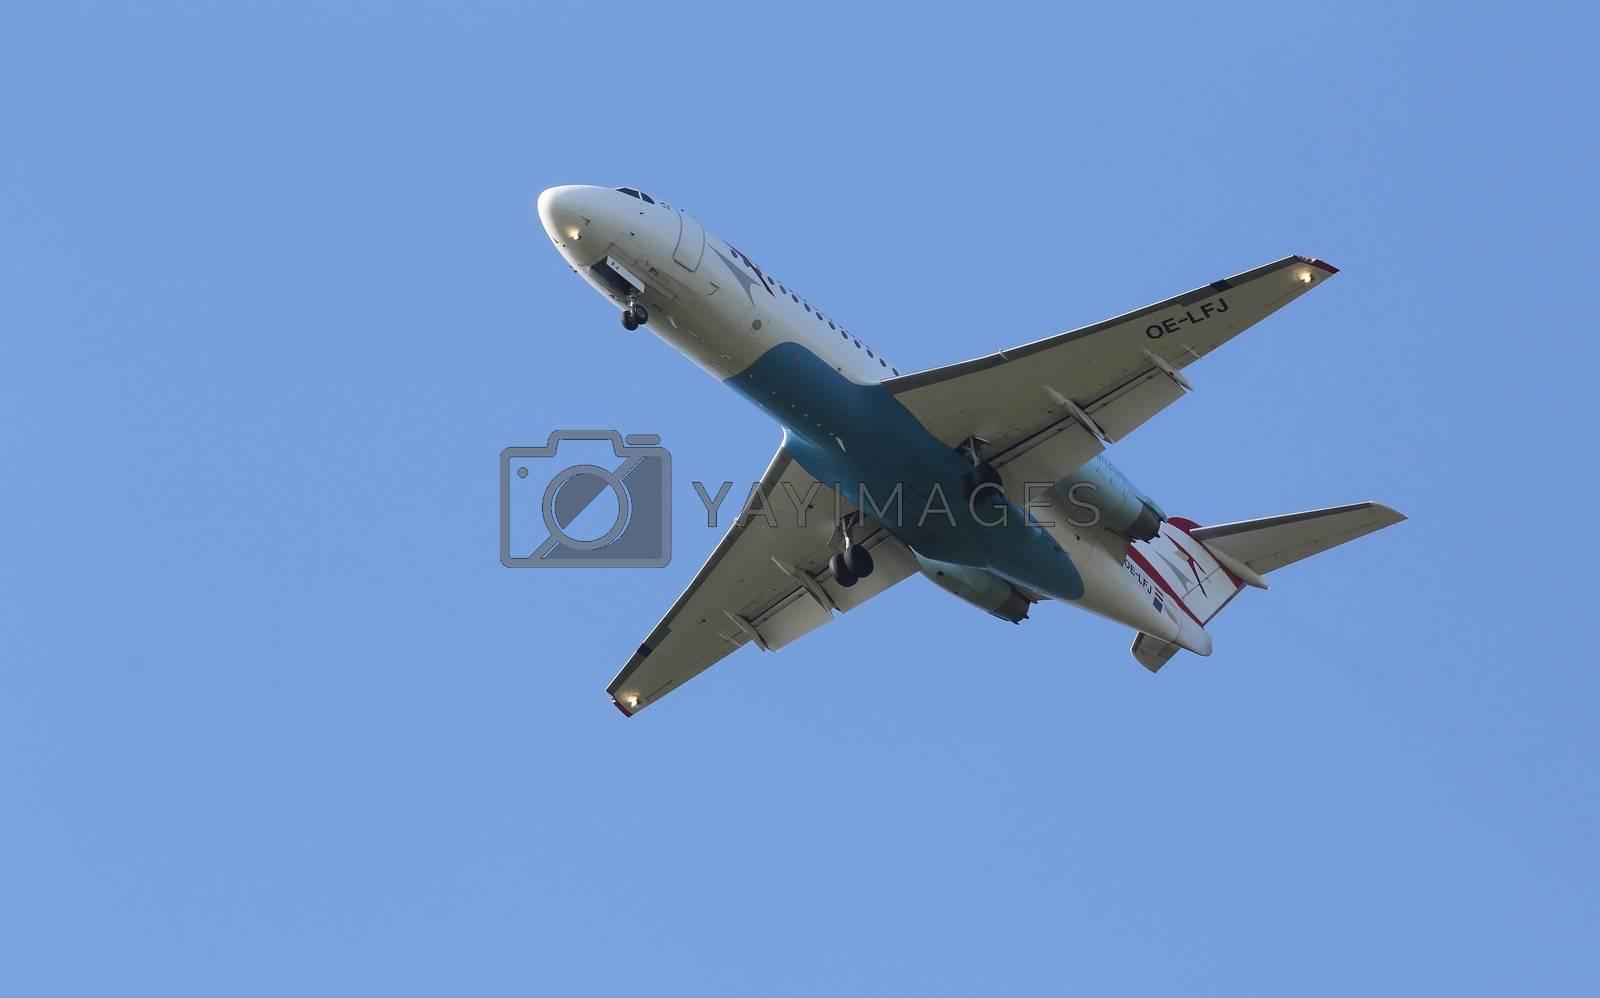 Fokker F70, registration OE-LFJ of Austrian Airlines landing on Zagreb Airport Pleso